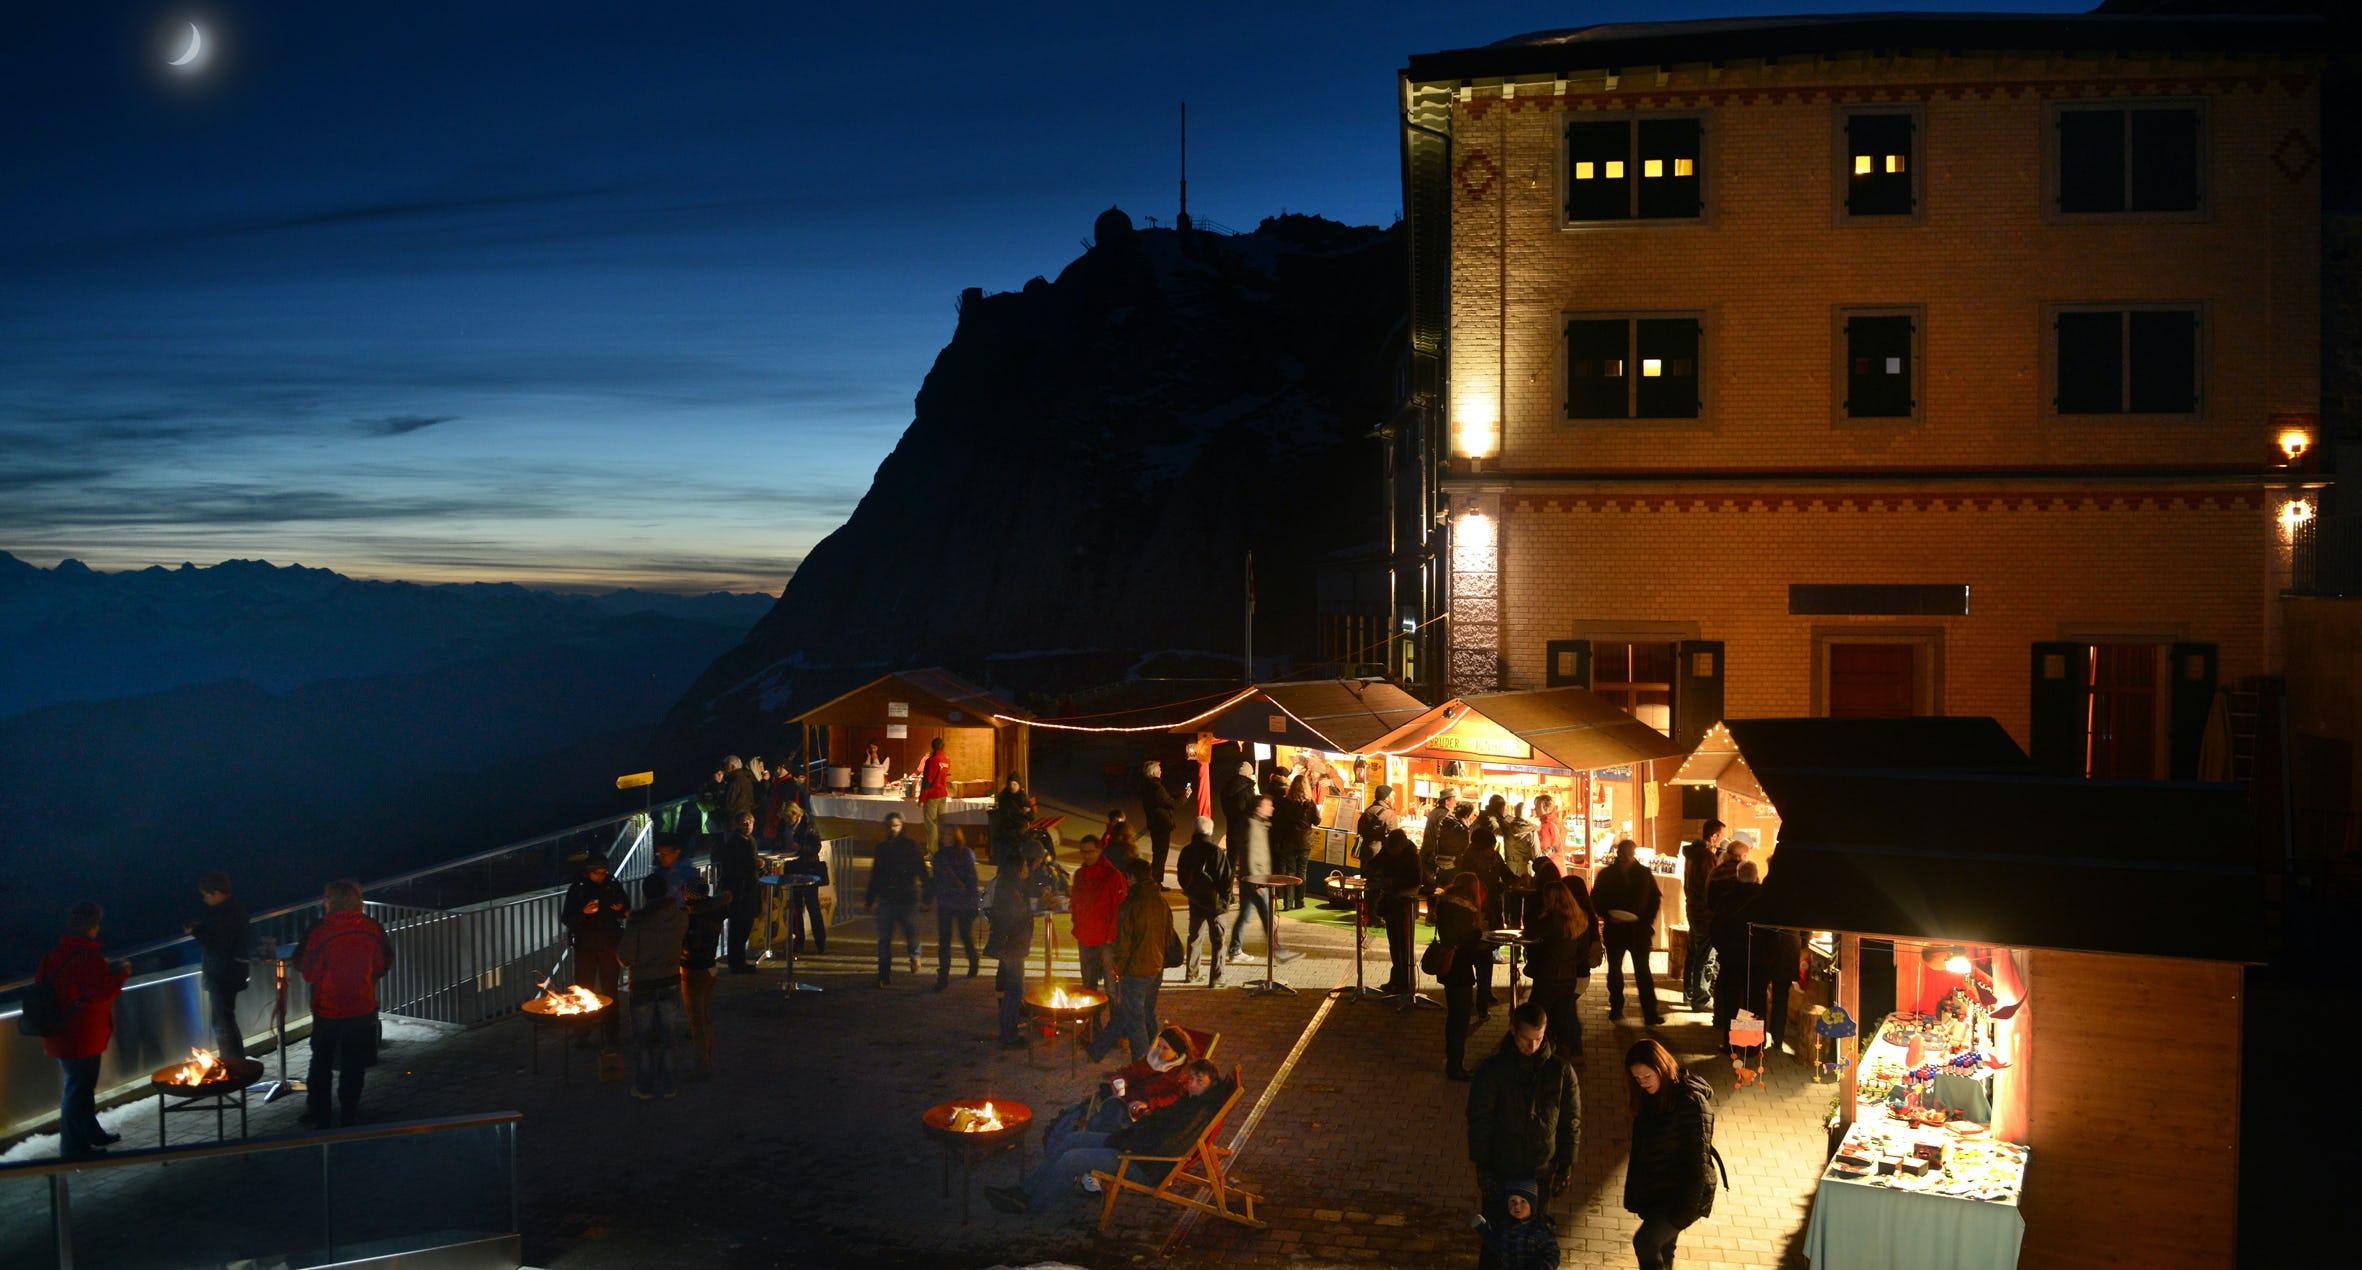 Pilatus Weihnachtsmarkt Terrasse Ramsauer Carreisen